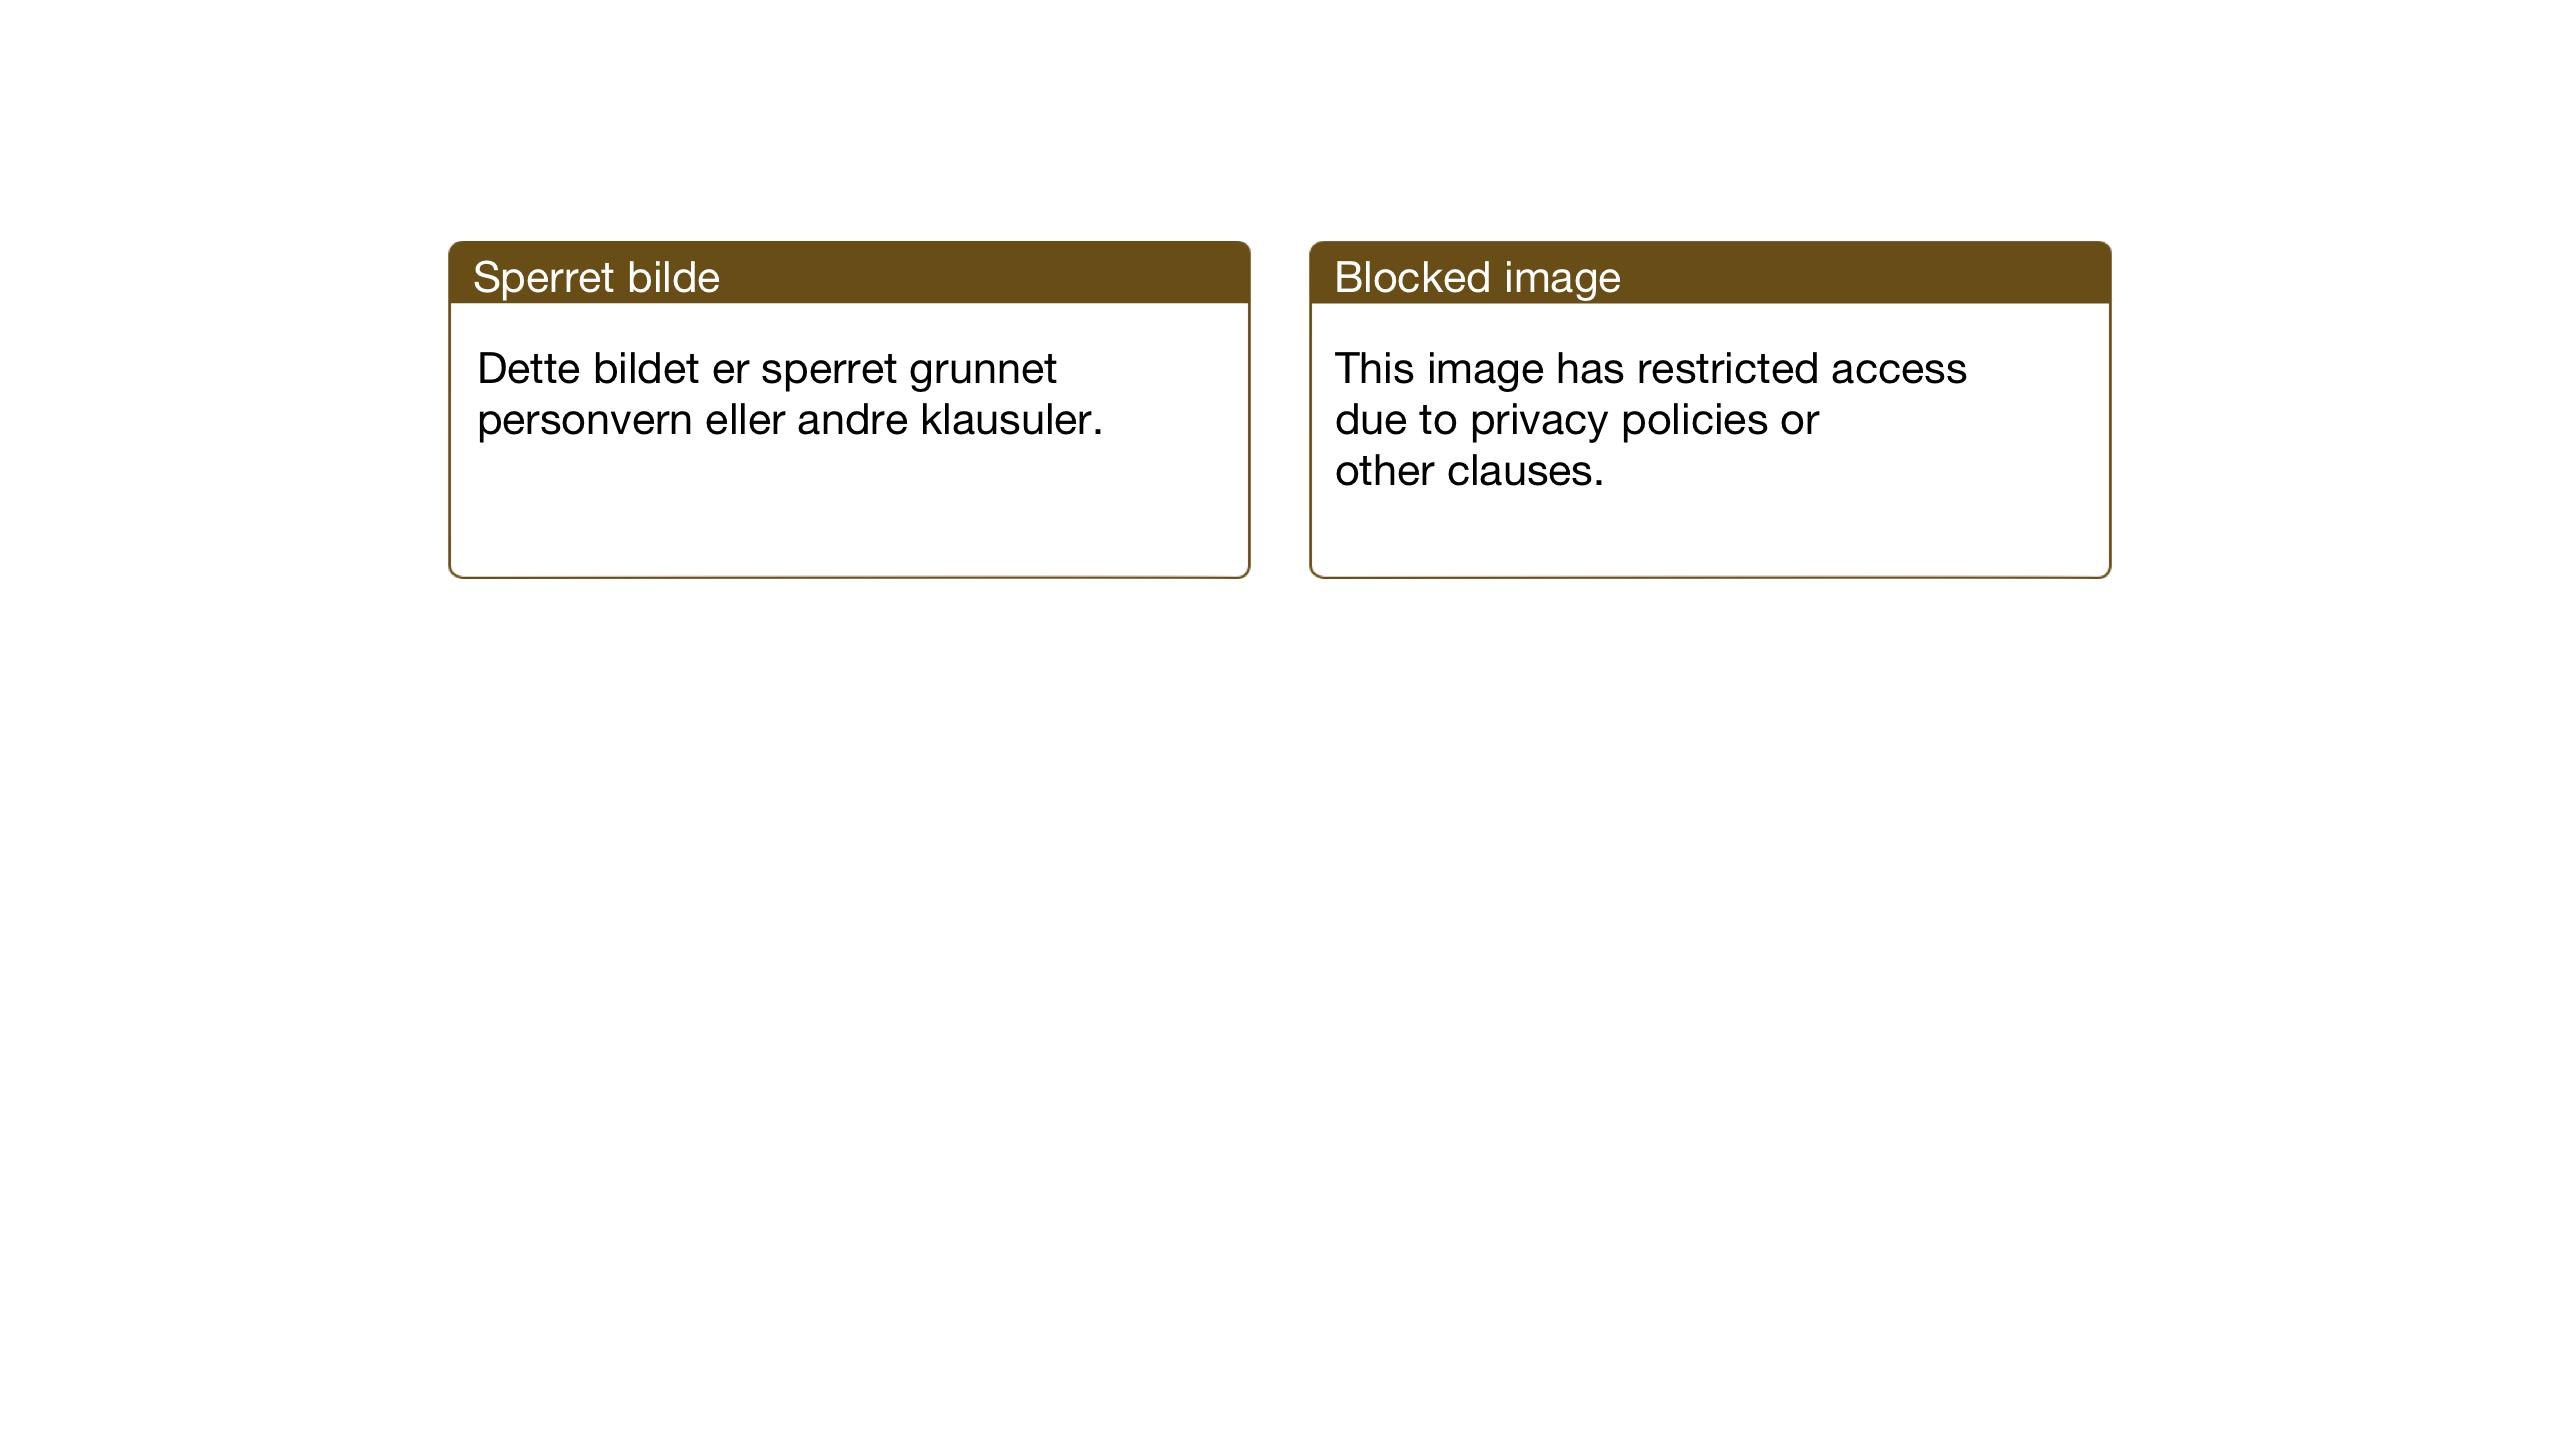 SAT, Ministerialprotokoller, klokkerbøker og fødselsregistre - Sør-Trøndelag, 605/L0264: Klokkerbok nr. 605C11, 1942-1949, s. 15